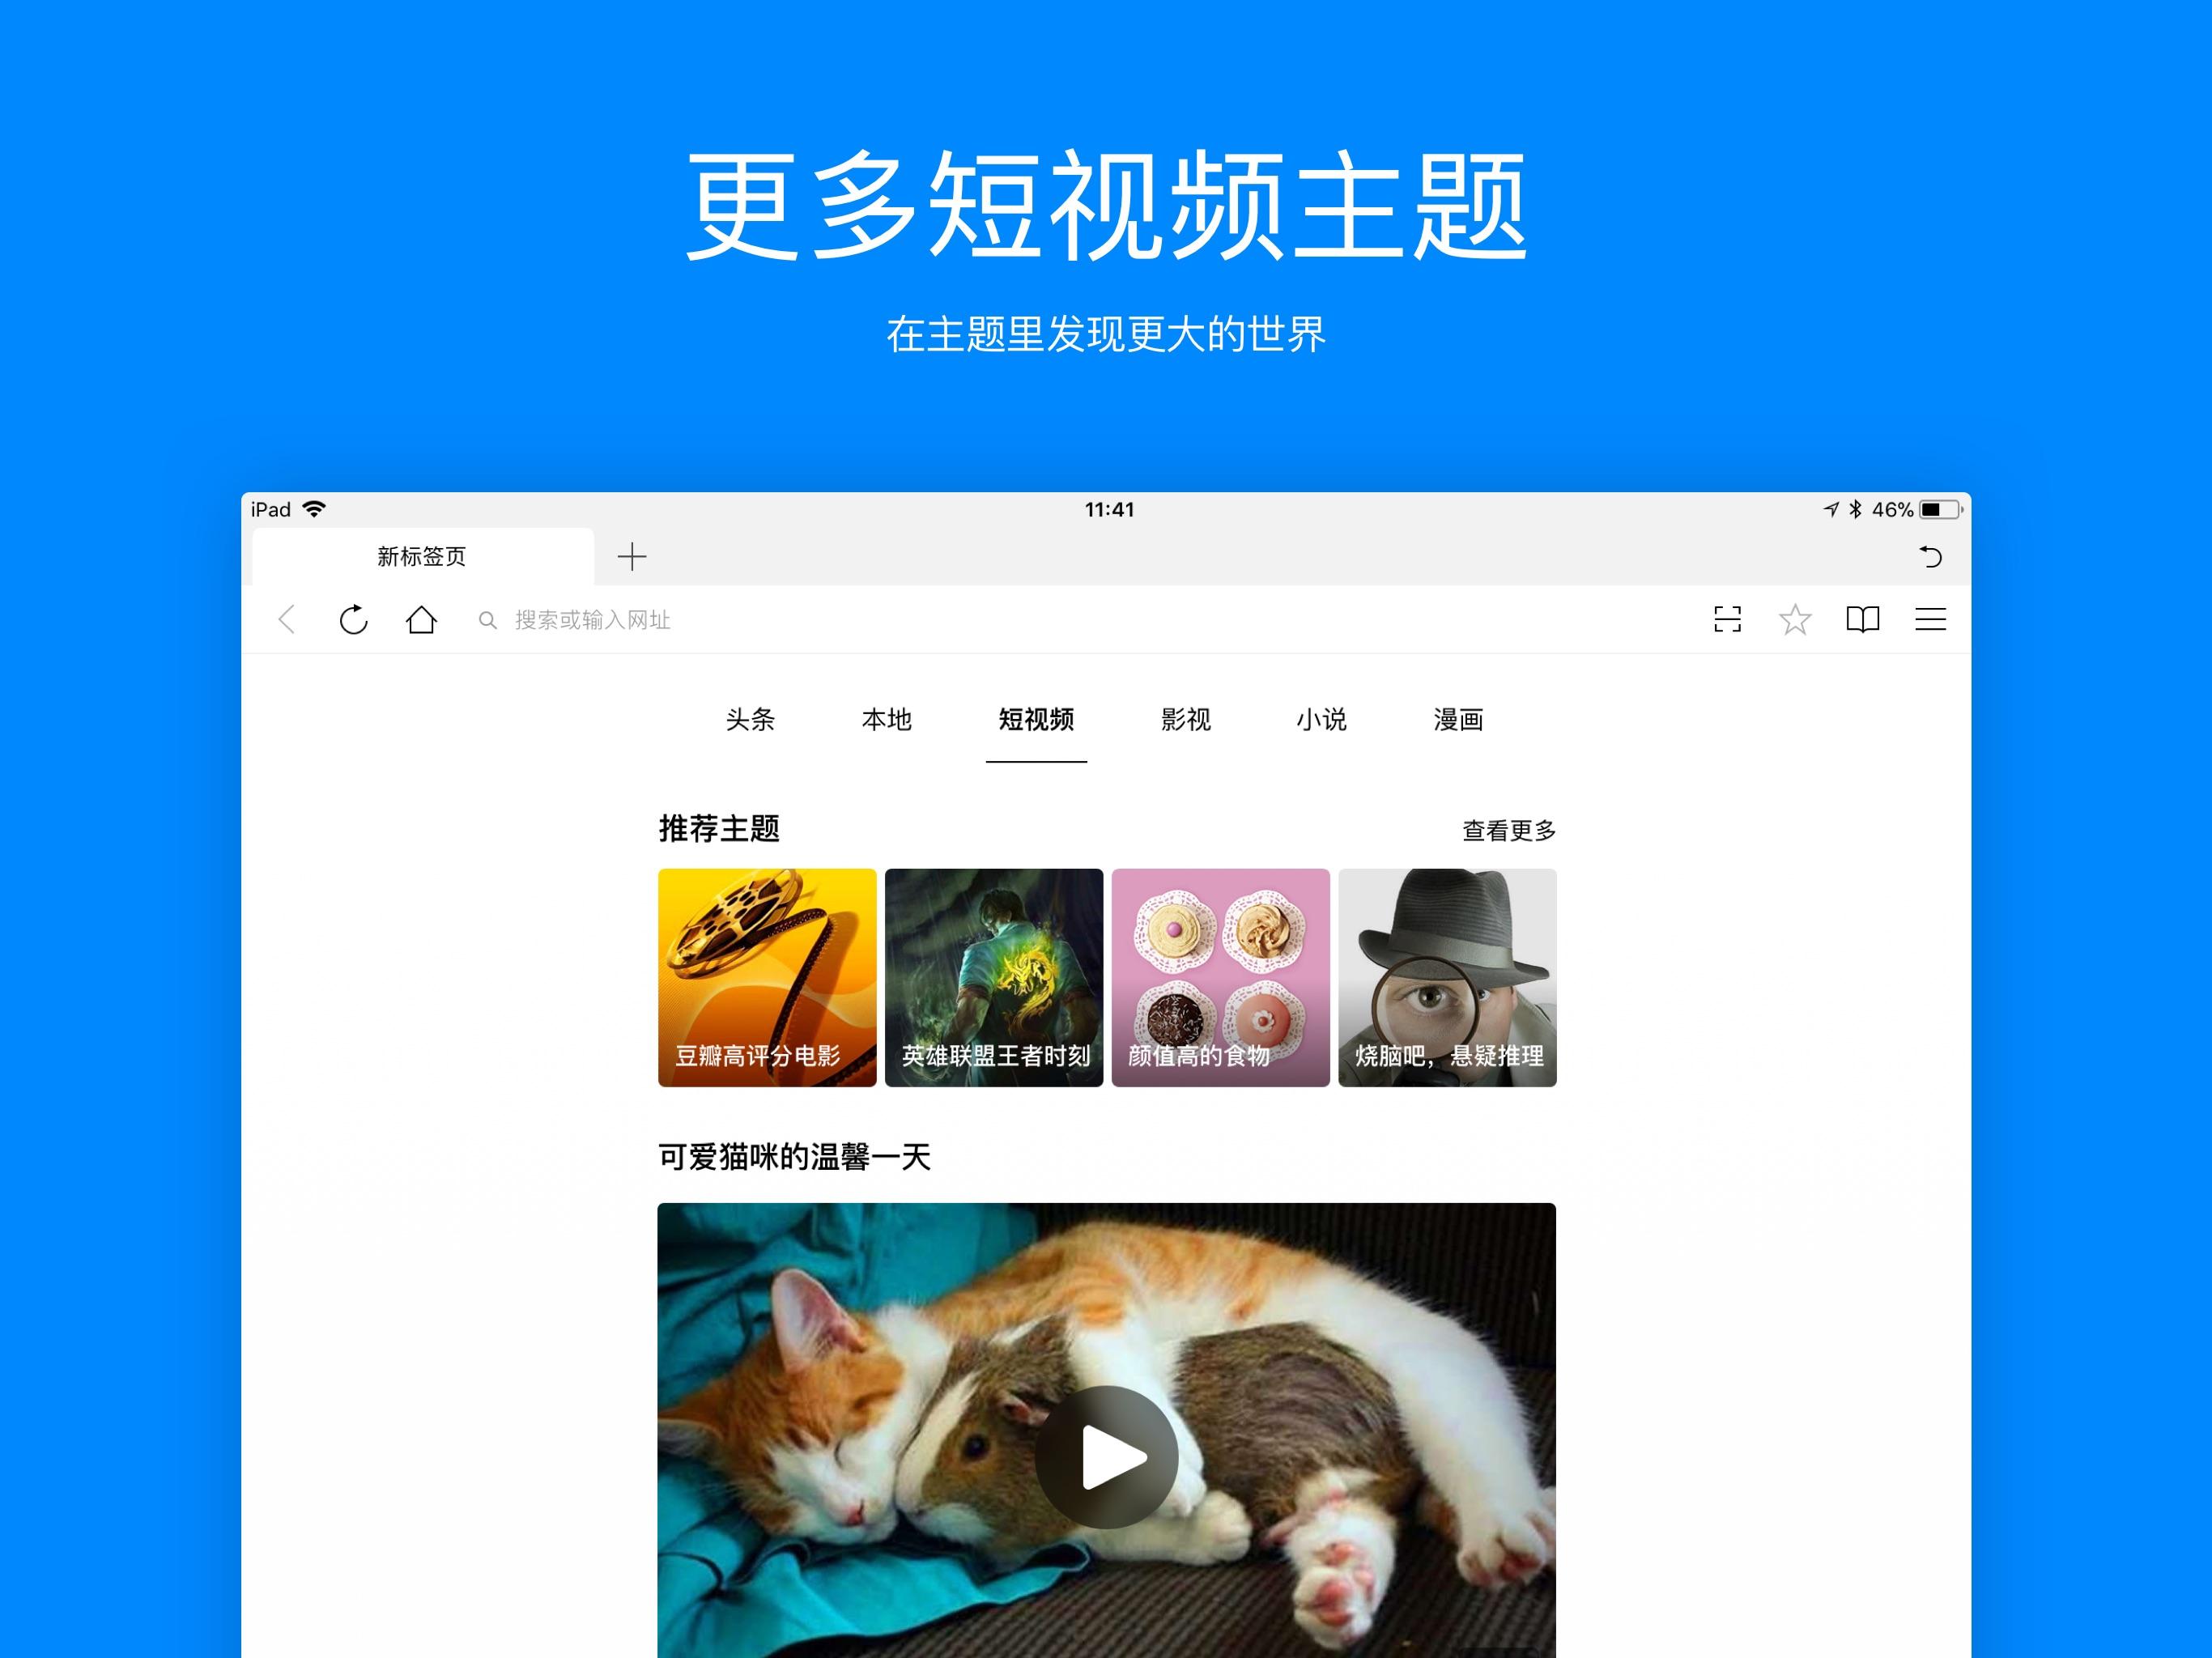 QQ浏览器HD – 专为平板打造的极速浏览器 Screenshot